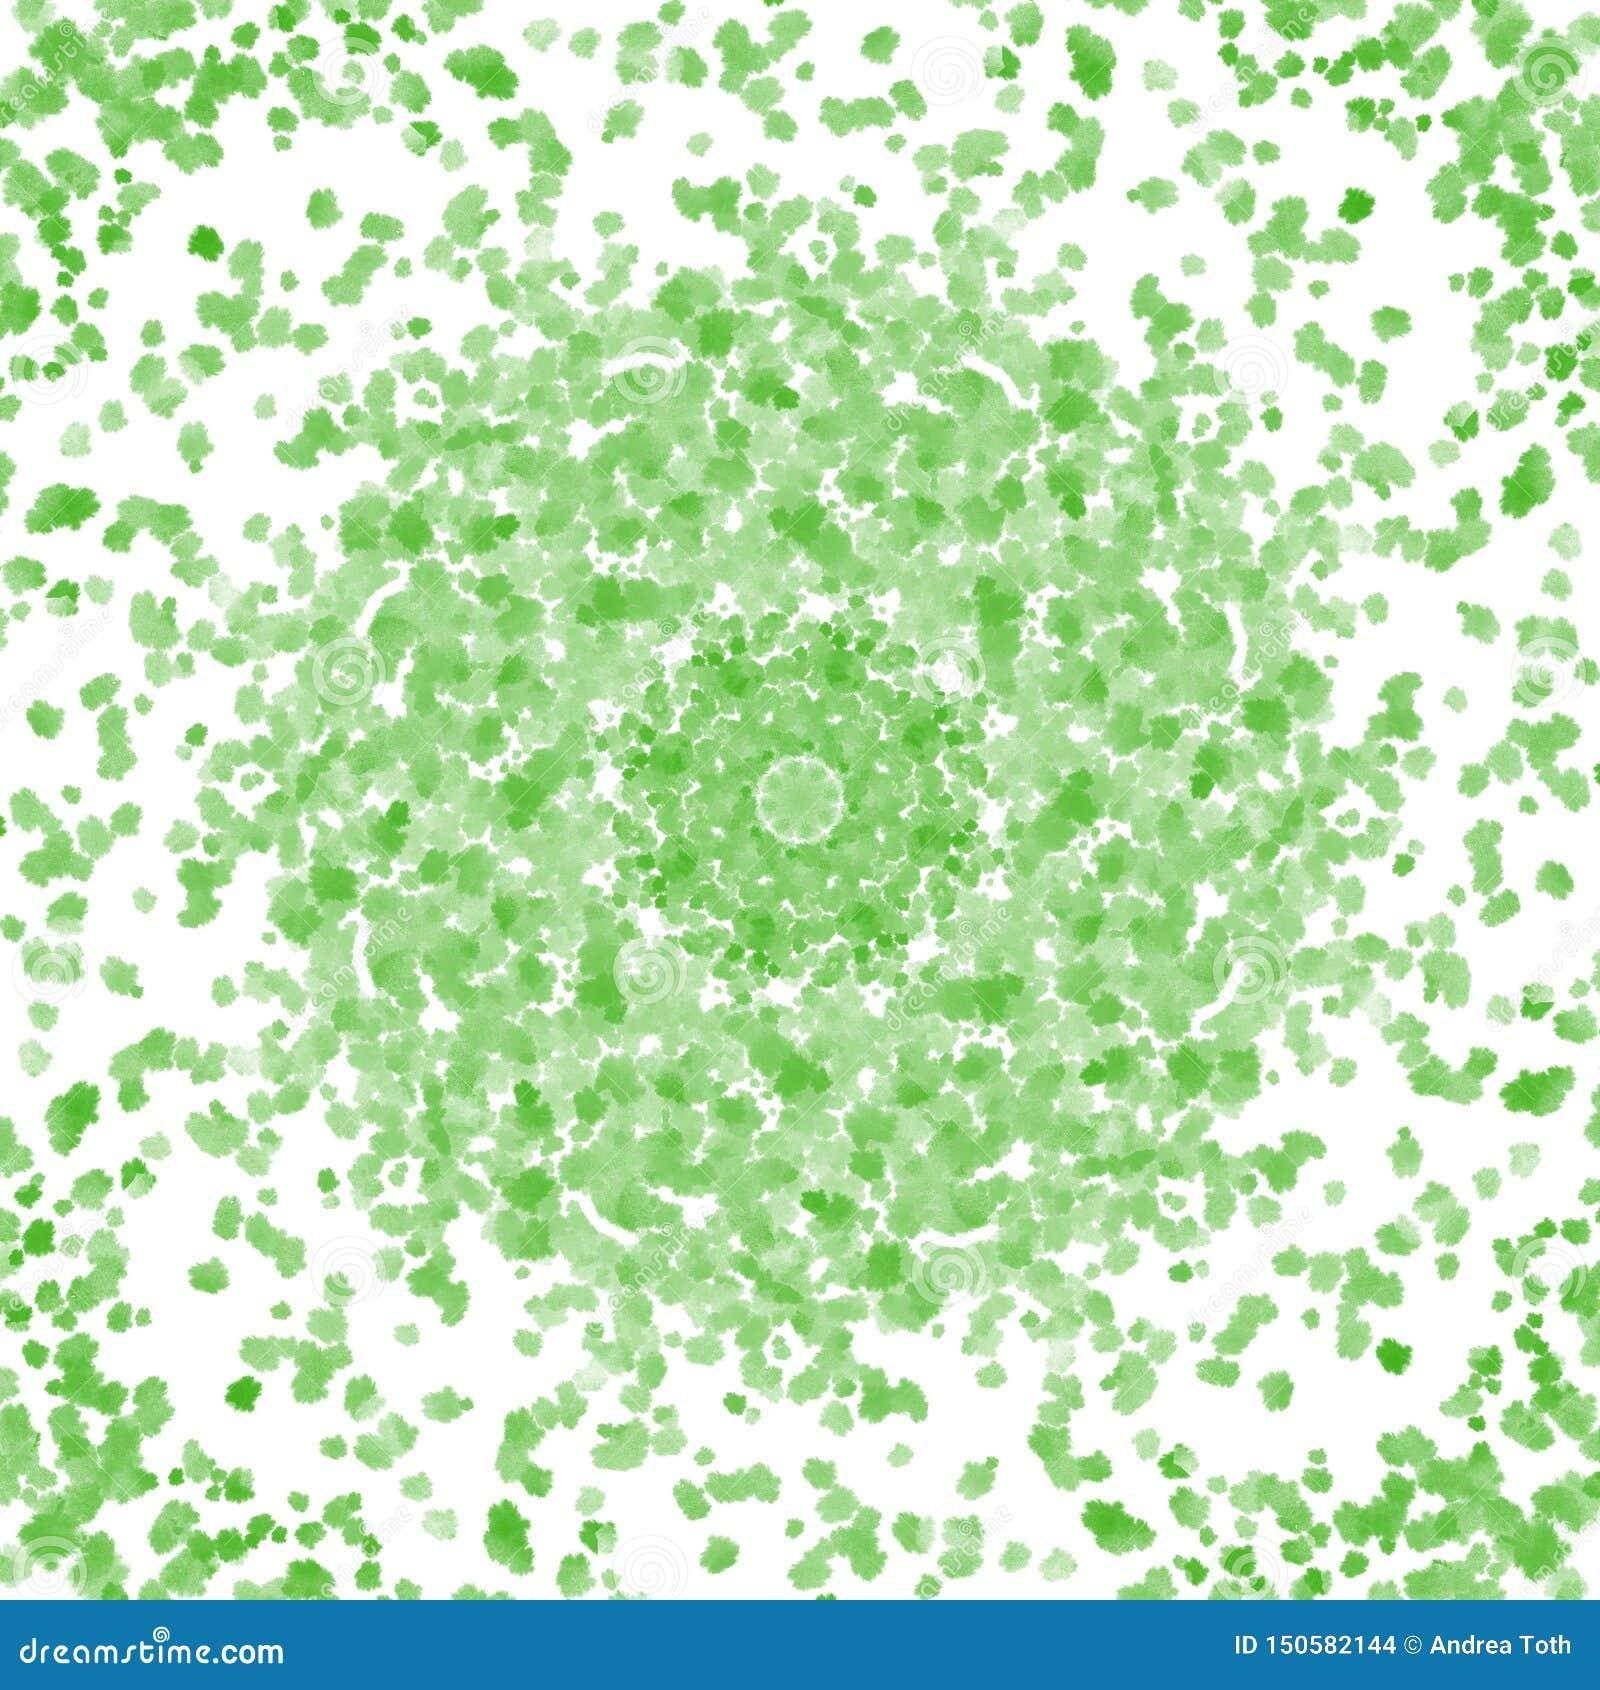 Kleurrijke gestippelde waterverfachtergrond voor websites, presentaties, kaart of kunstachtergrond